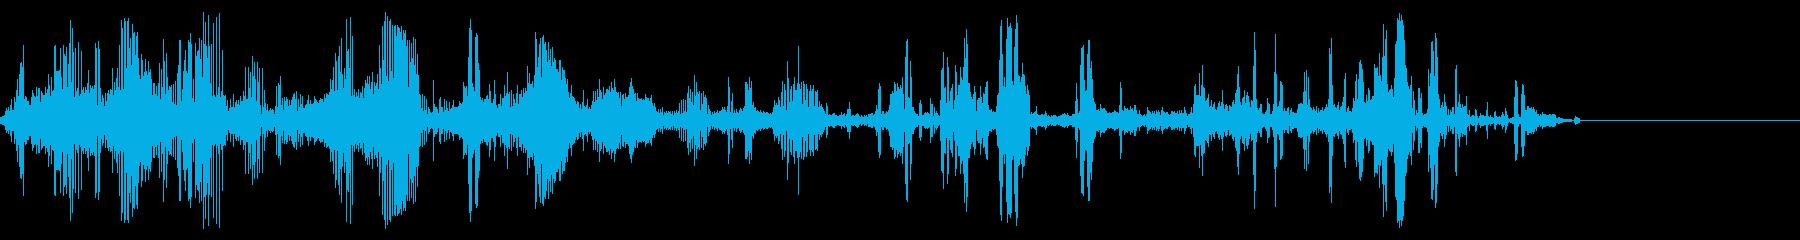 小型ロボットモーフ、ロボット音声、...の再生済みの波形